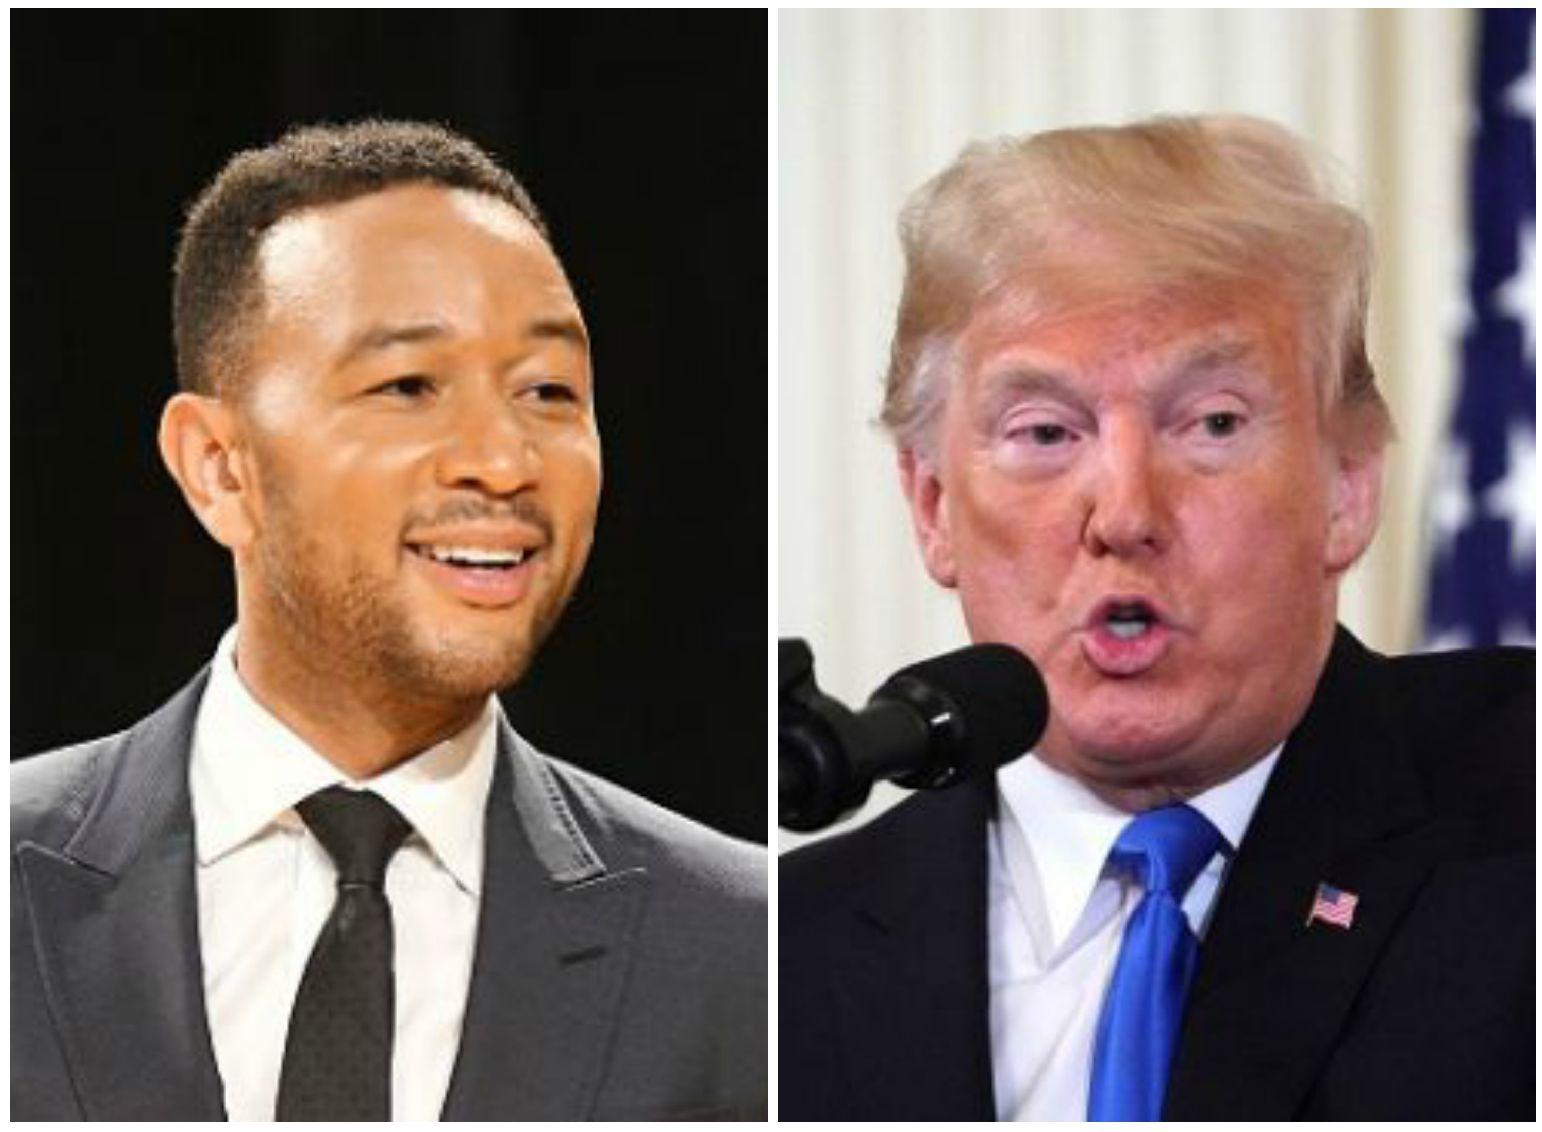 John Legend Slams Trump's Behavior At Press Conference: 'F**king Embarrassment'